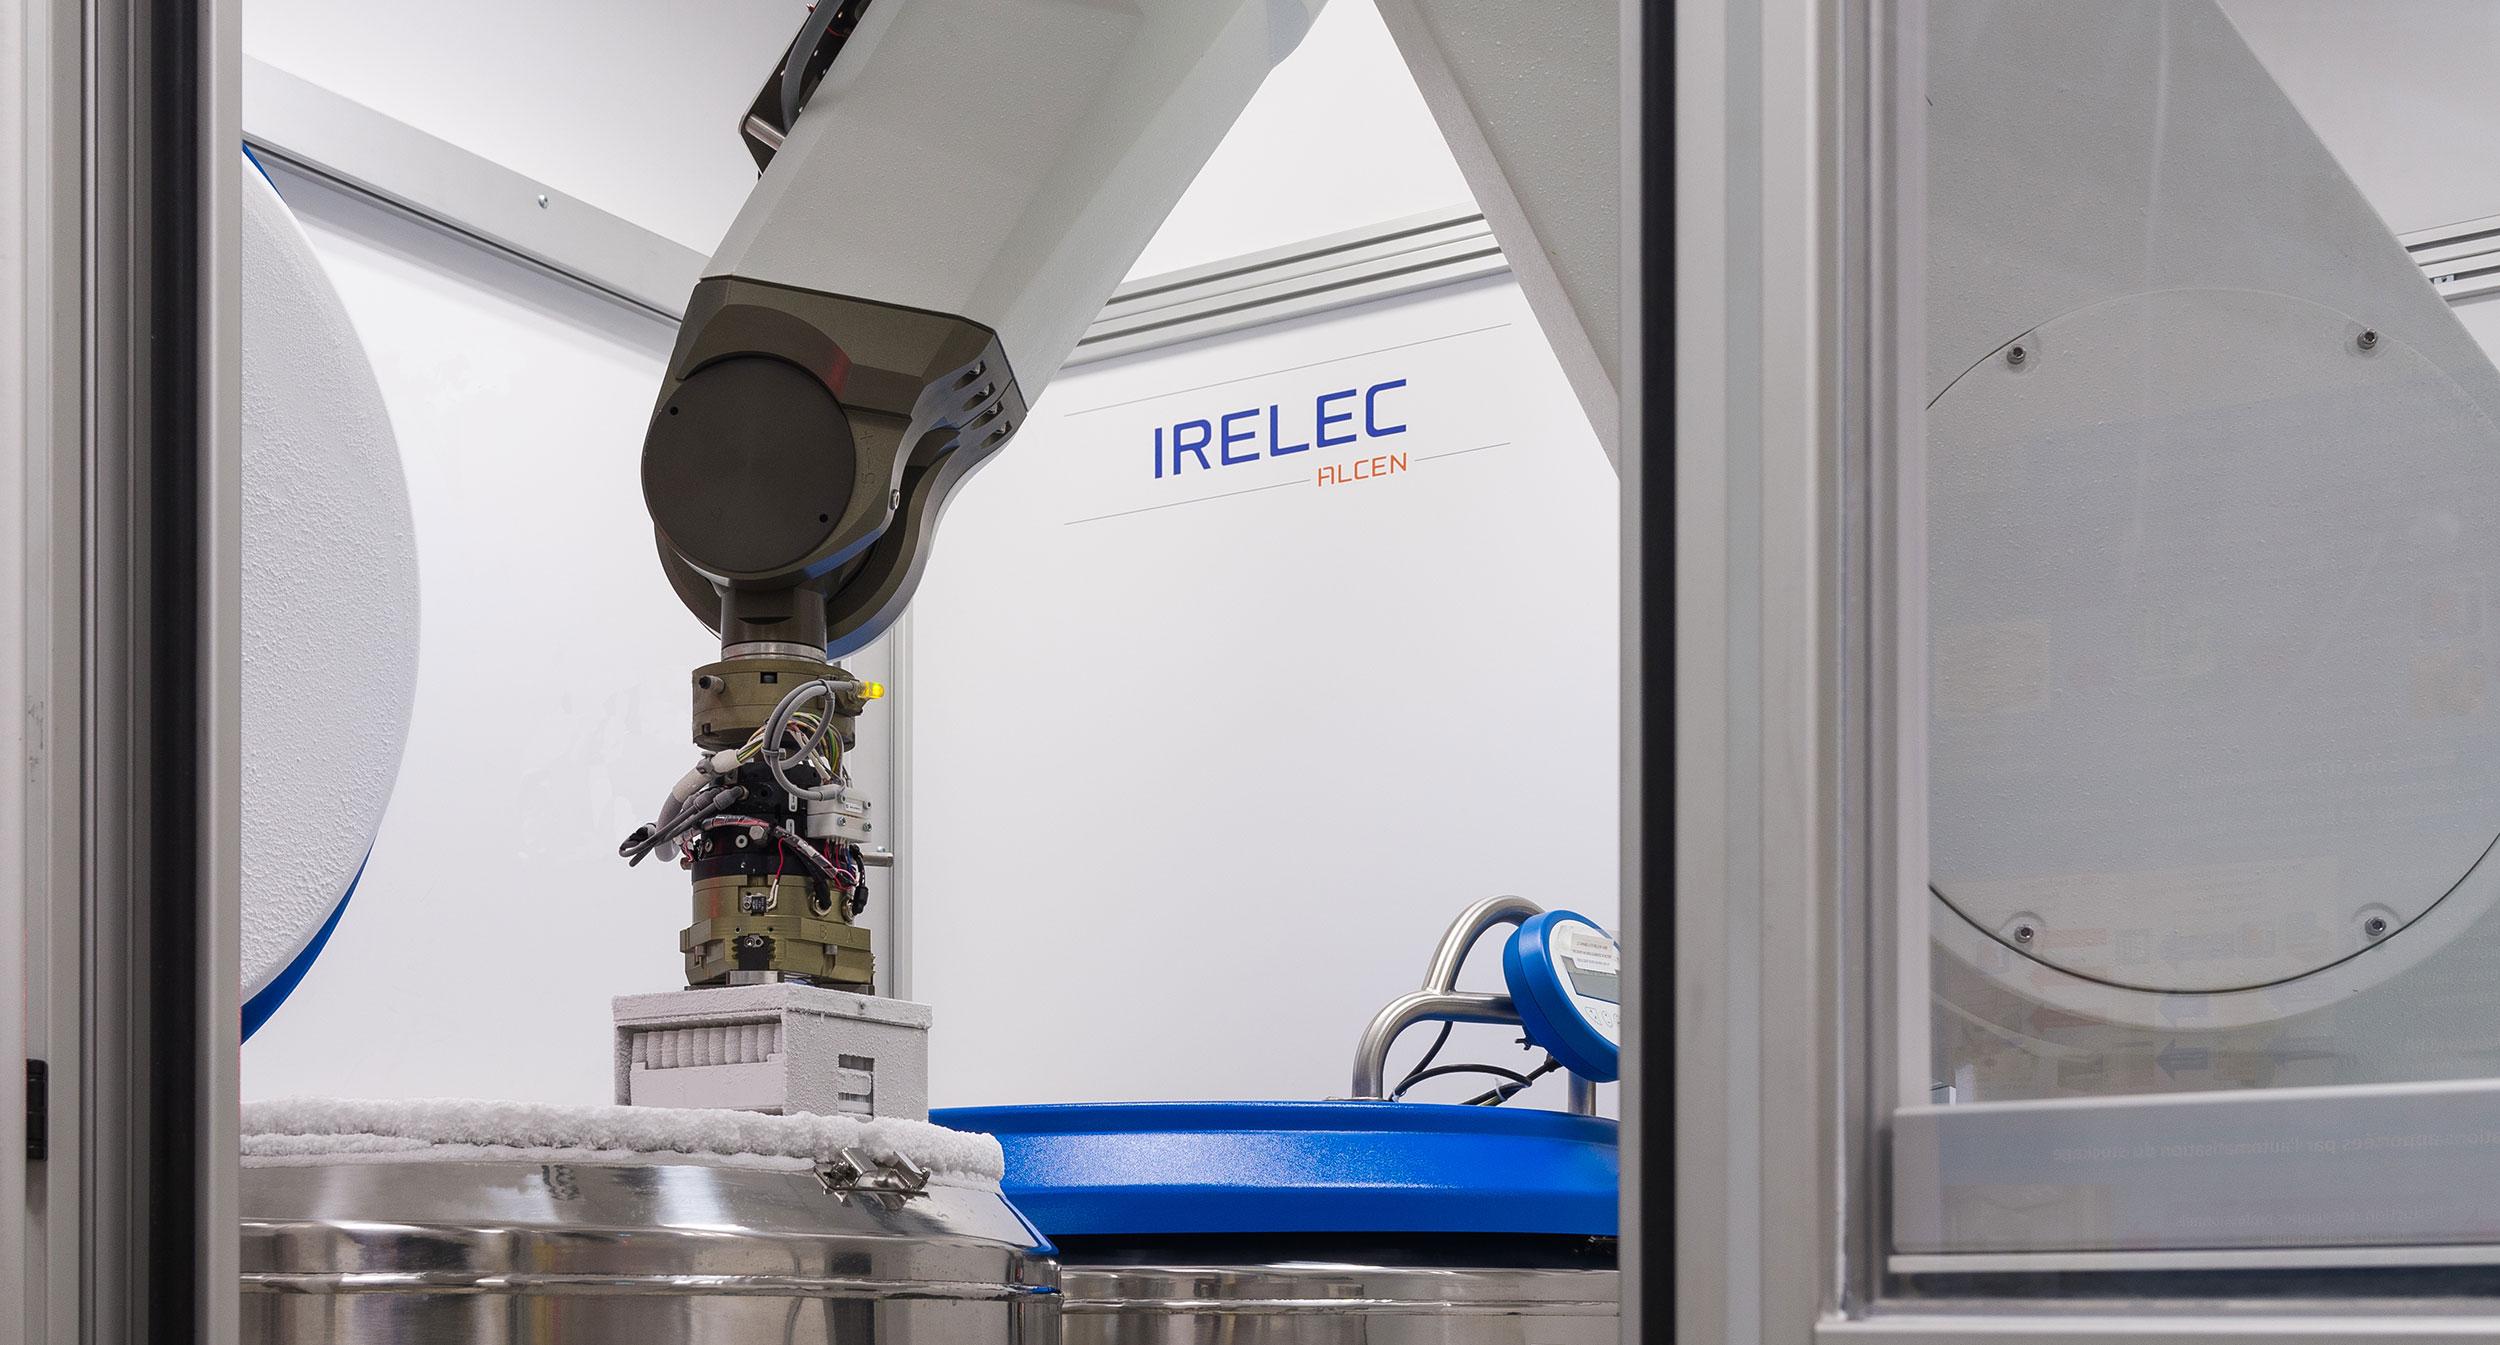 Biobanques : systèmes robotisés pour le stockage cryogénique d'échantillons biologiques